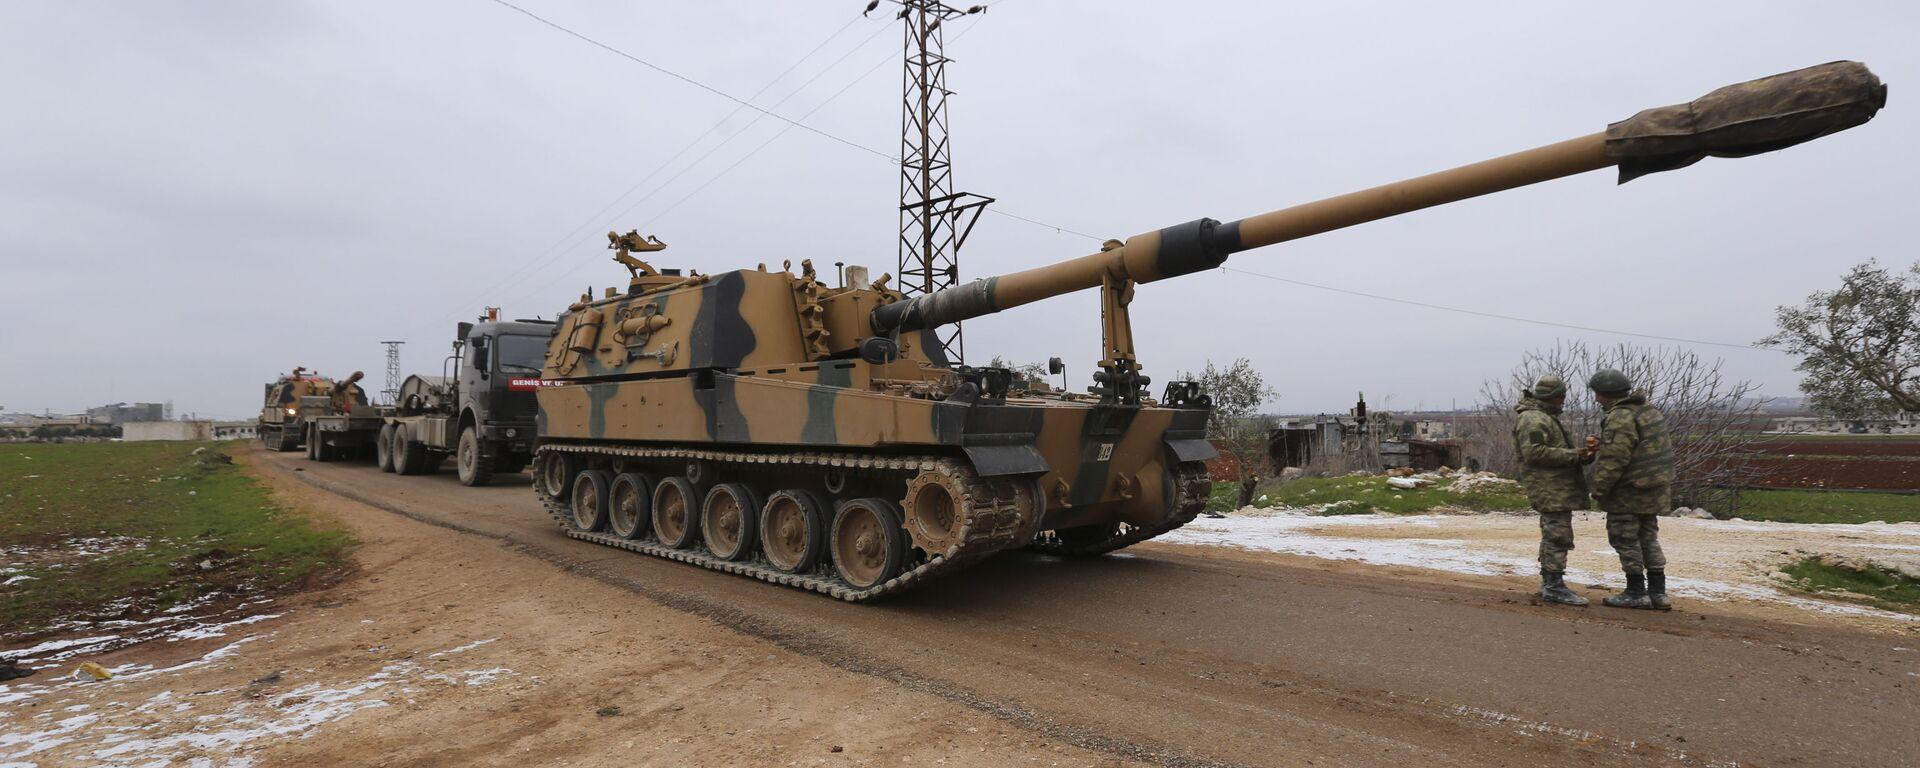 Un convoi militaire turc près de la ville d'Idlib, en Syrie, mercredi 12 février 2020 - Sputnik France, 1920, 13.09.2021